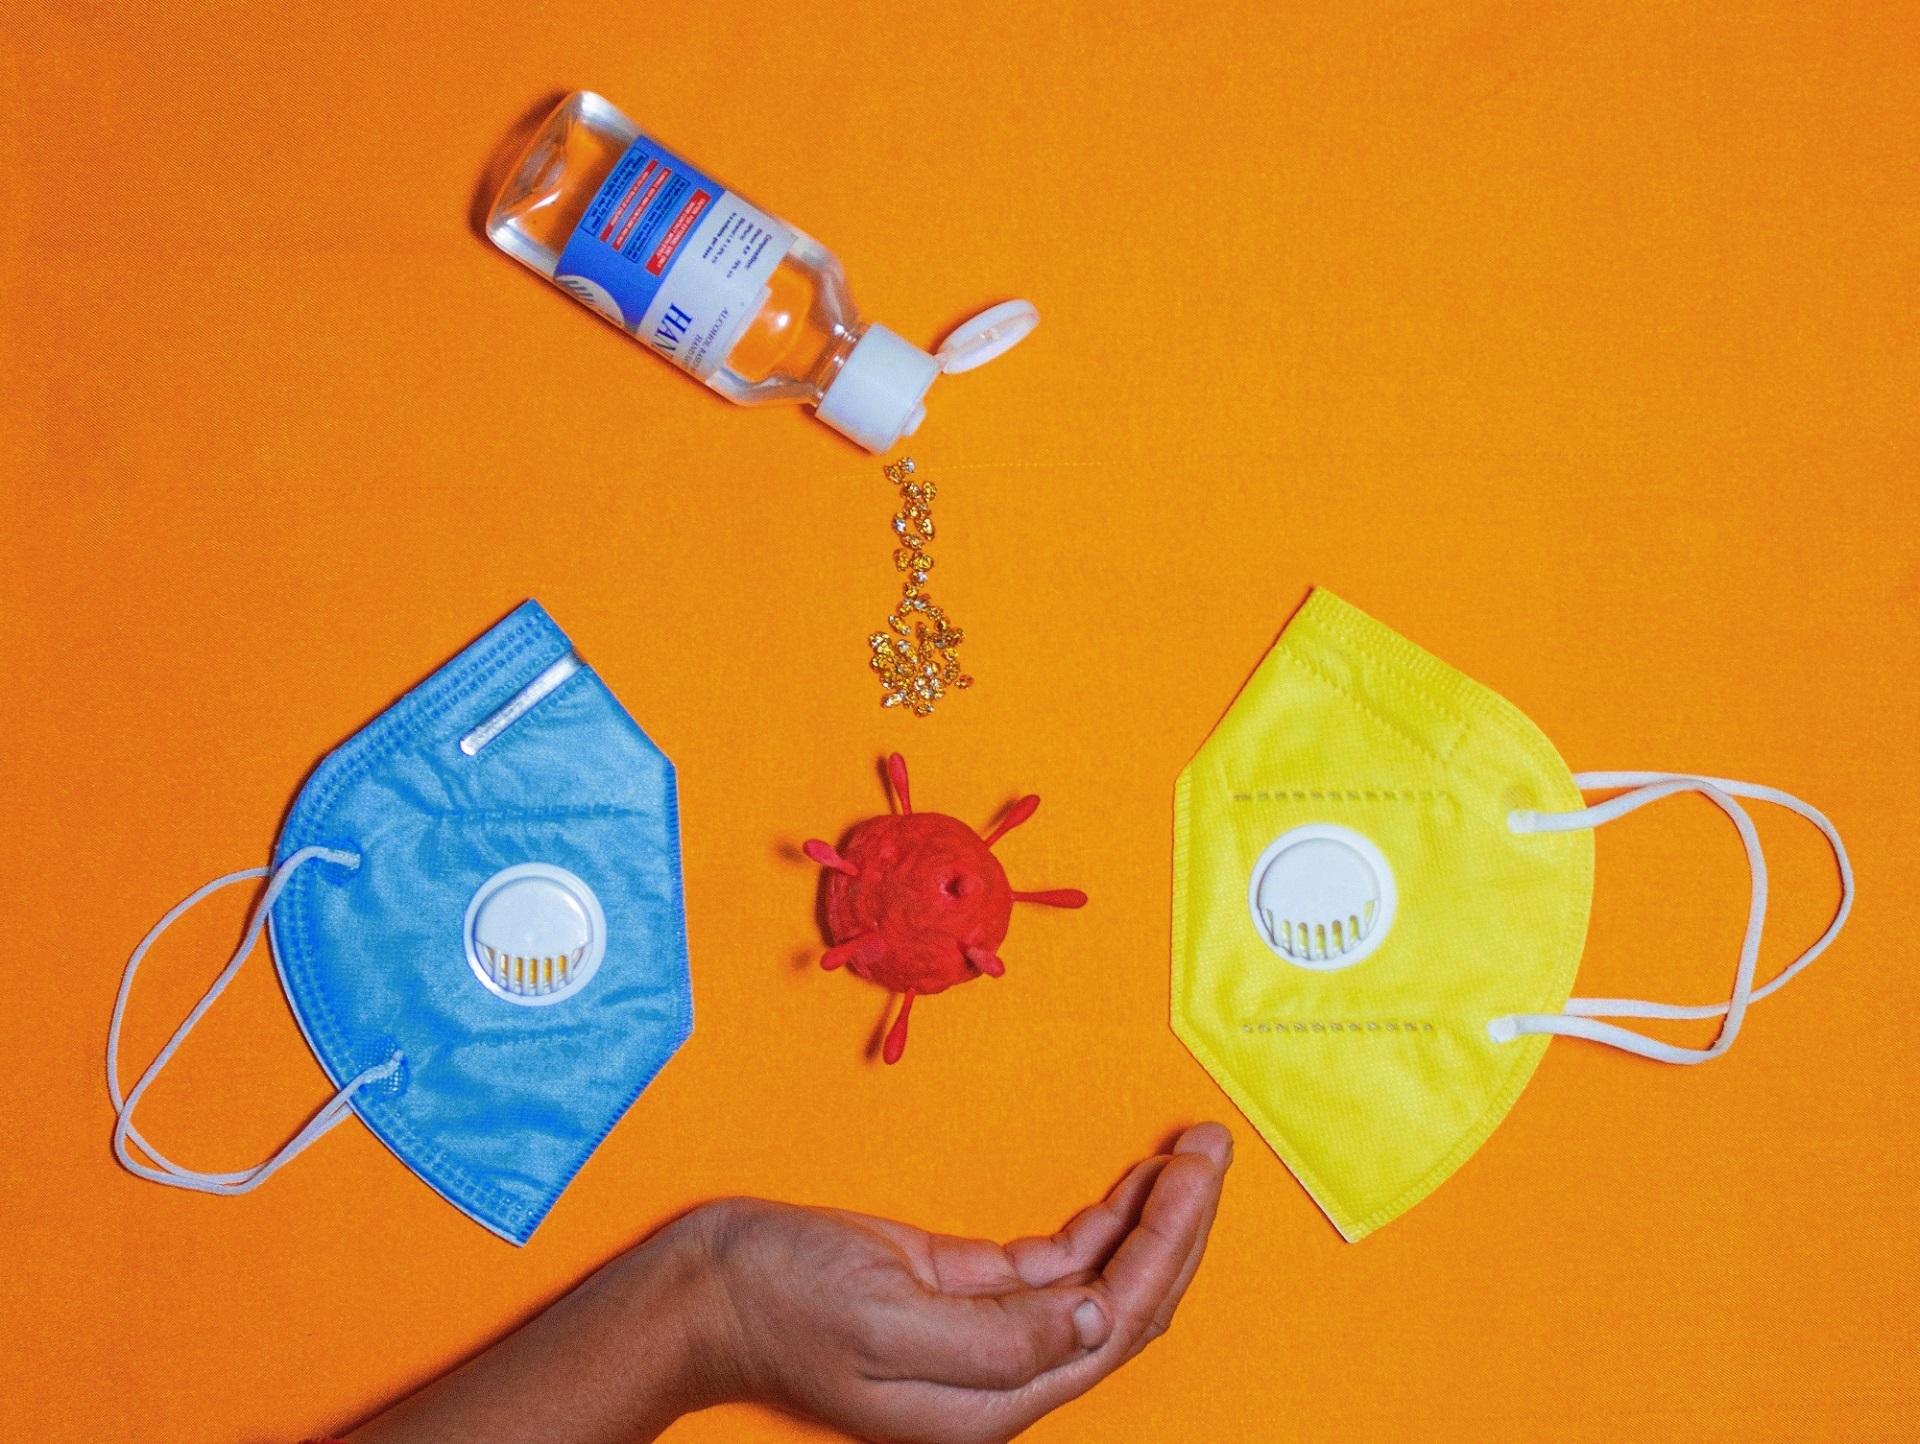 Masks on example photo